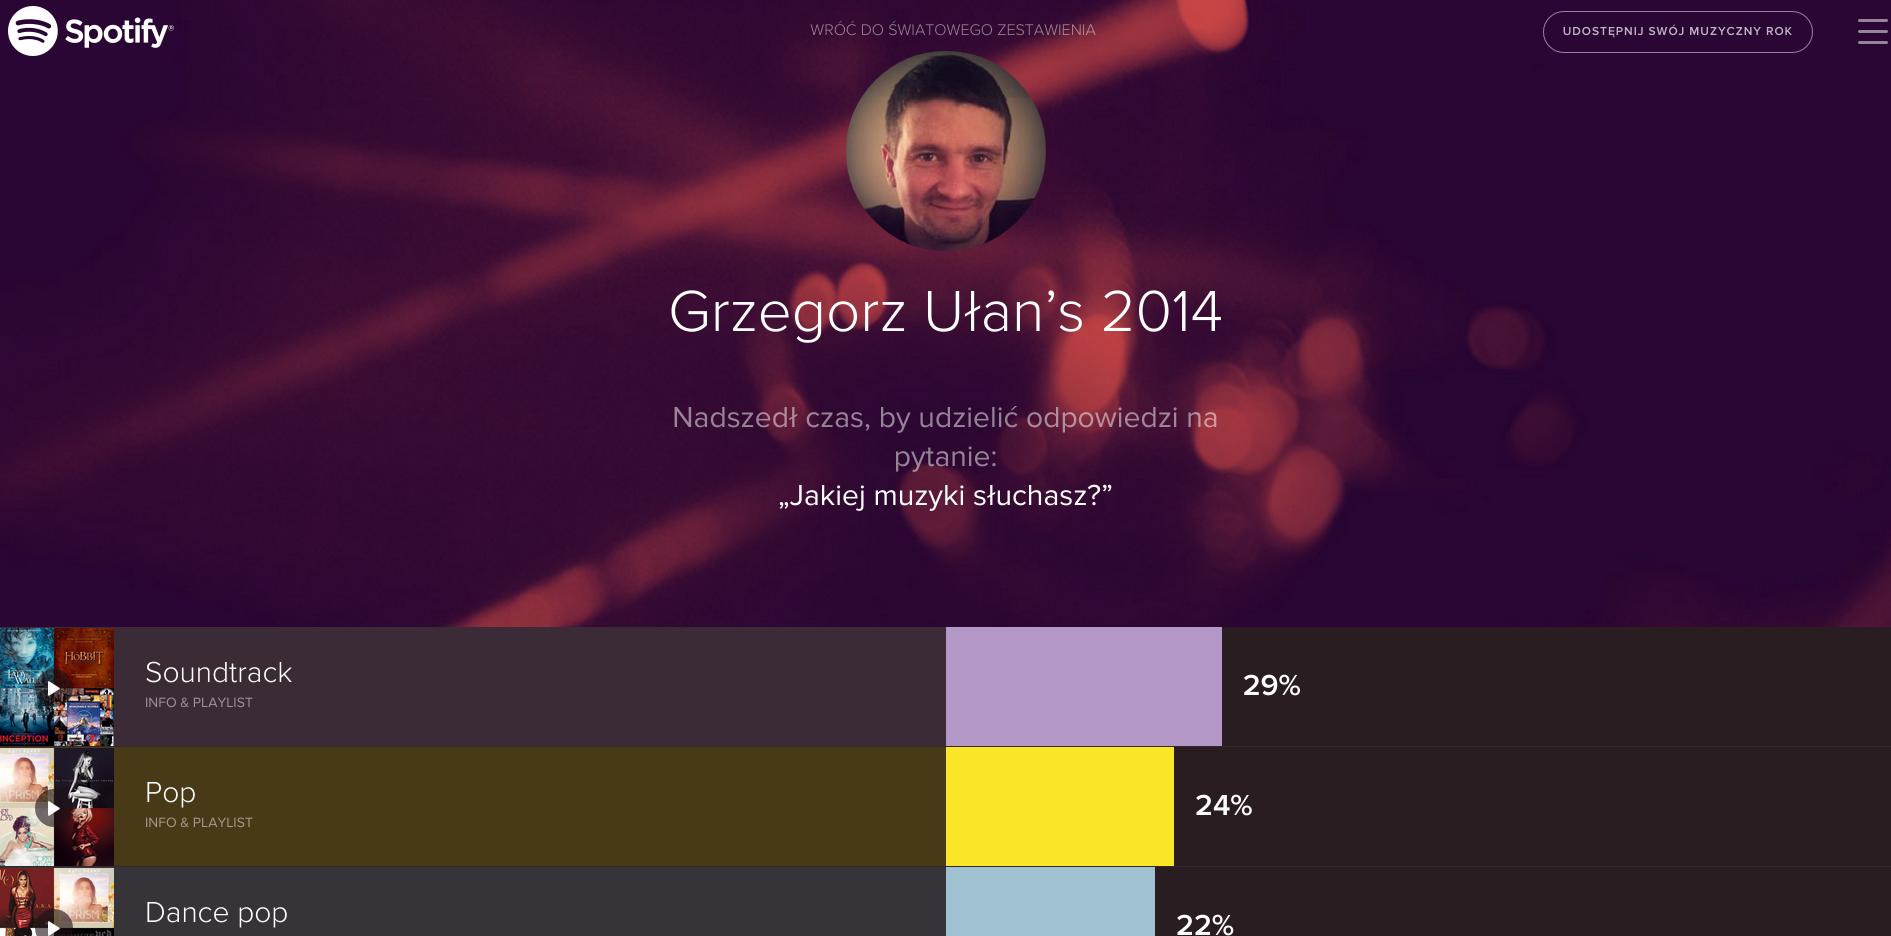 screenshot-www.spotify-yearinmusic.com 2014-12-05 19-31-50